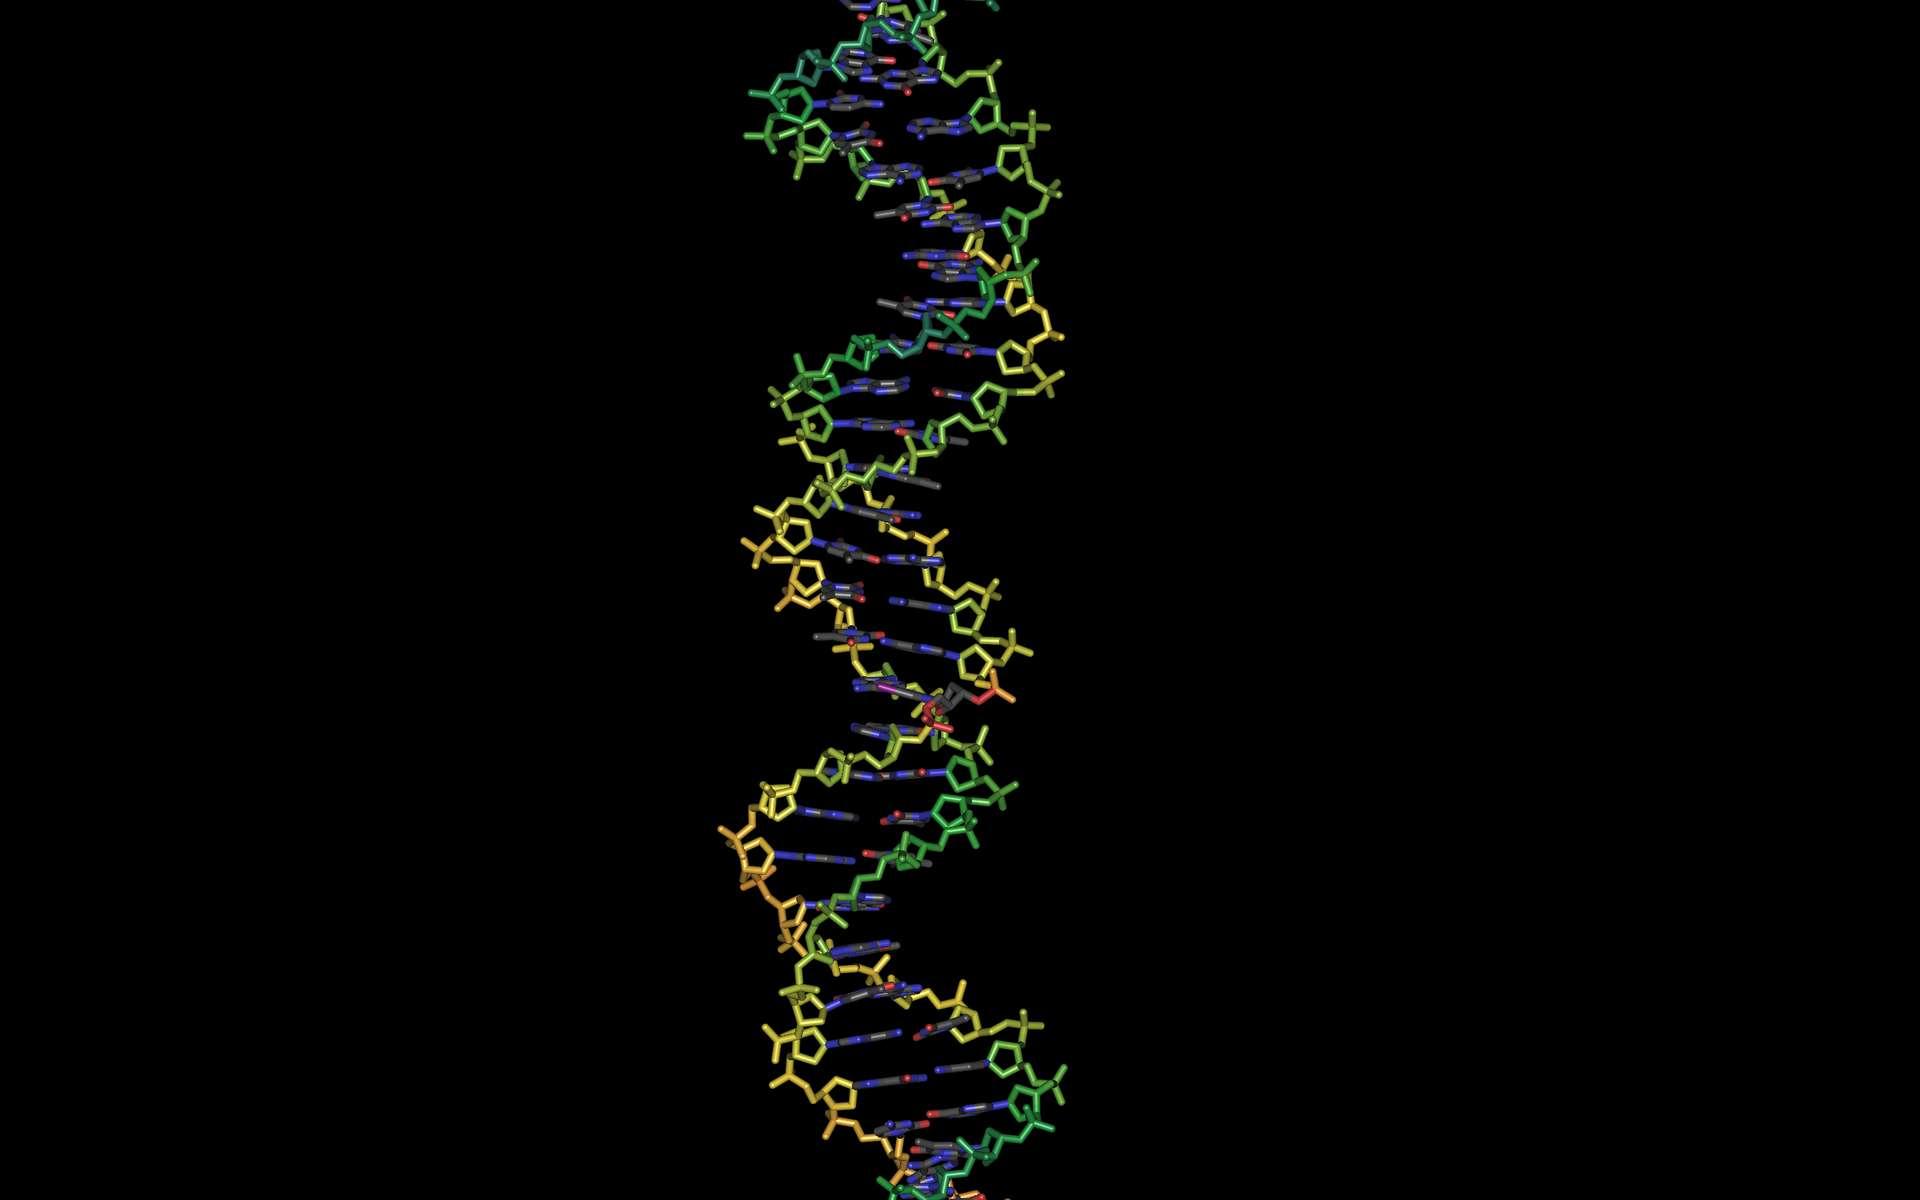 Le Projet génome humain a été entamé en 1990 et achevé en 2003, lorsque toute la séquence génétique a été séquencée. La prouesse réalisée, certains ont pu se laisser aller à des promesses difficiles à tenir, prévoyant qu'un jour on serait en mesure, en lisant le génome, de prédire les prédispositions aux maladies. Avec neuf ans de recul et des méthodes plus modernes, c'est encore impossible. © Yunxiang987 | Stock Free Images & Dreamstime Stock Photos